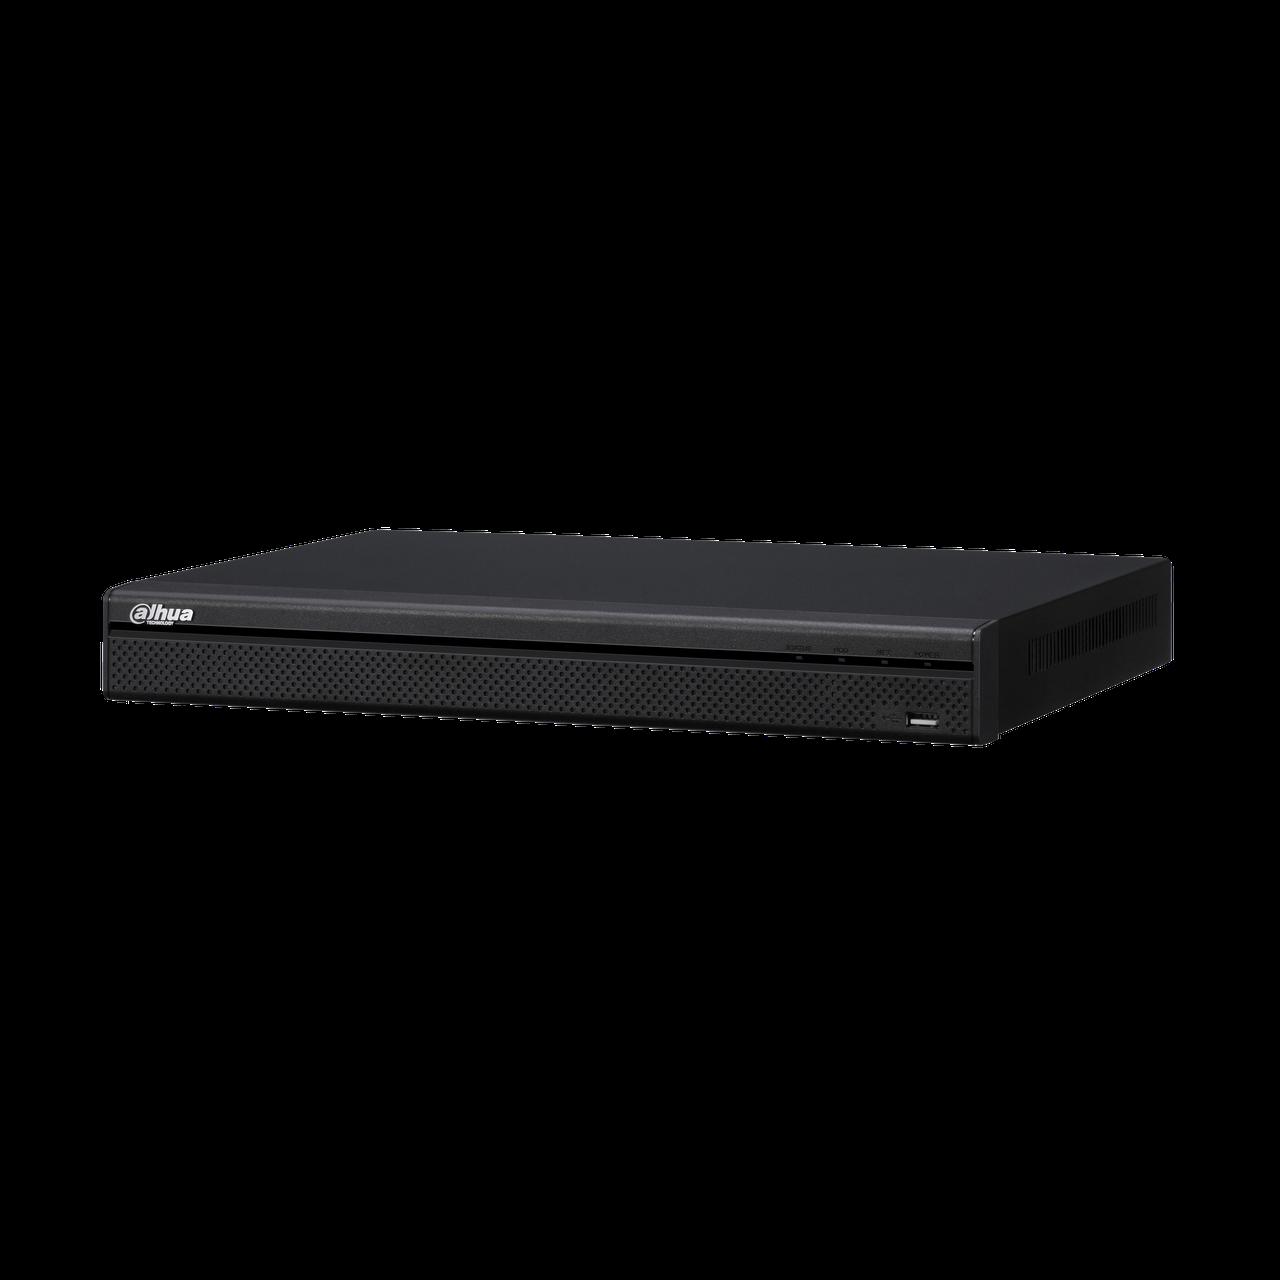 Видеорегистратор NVR5232-4KS2 Dahua Technology